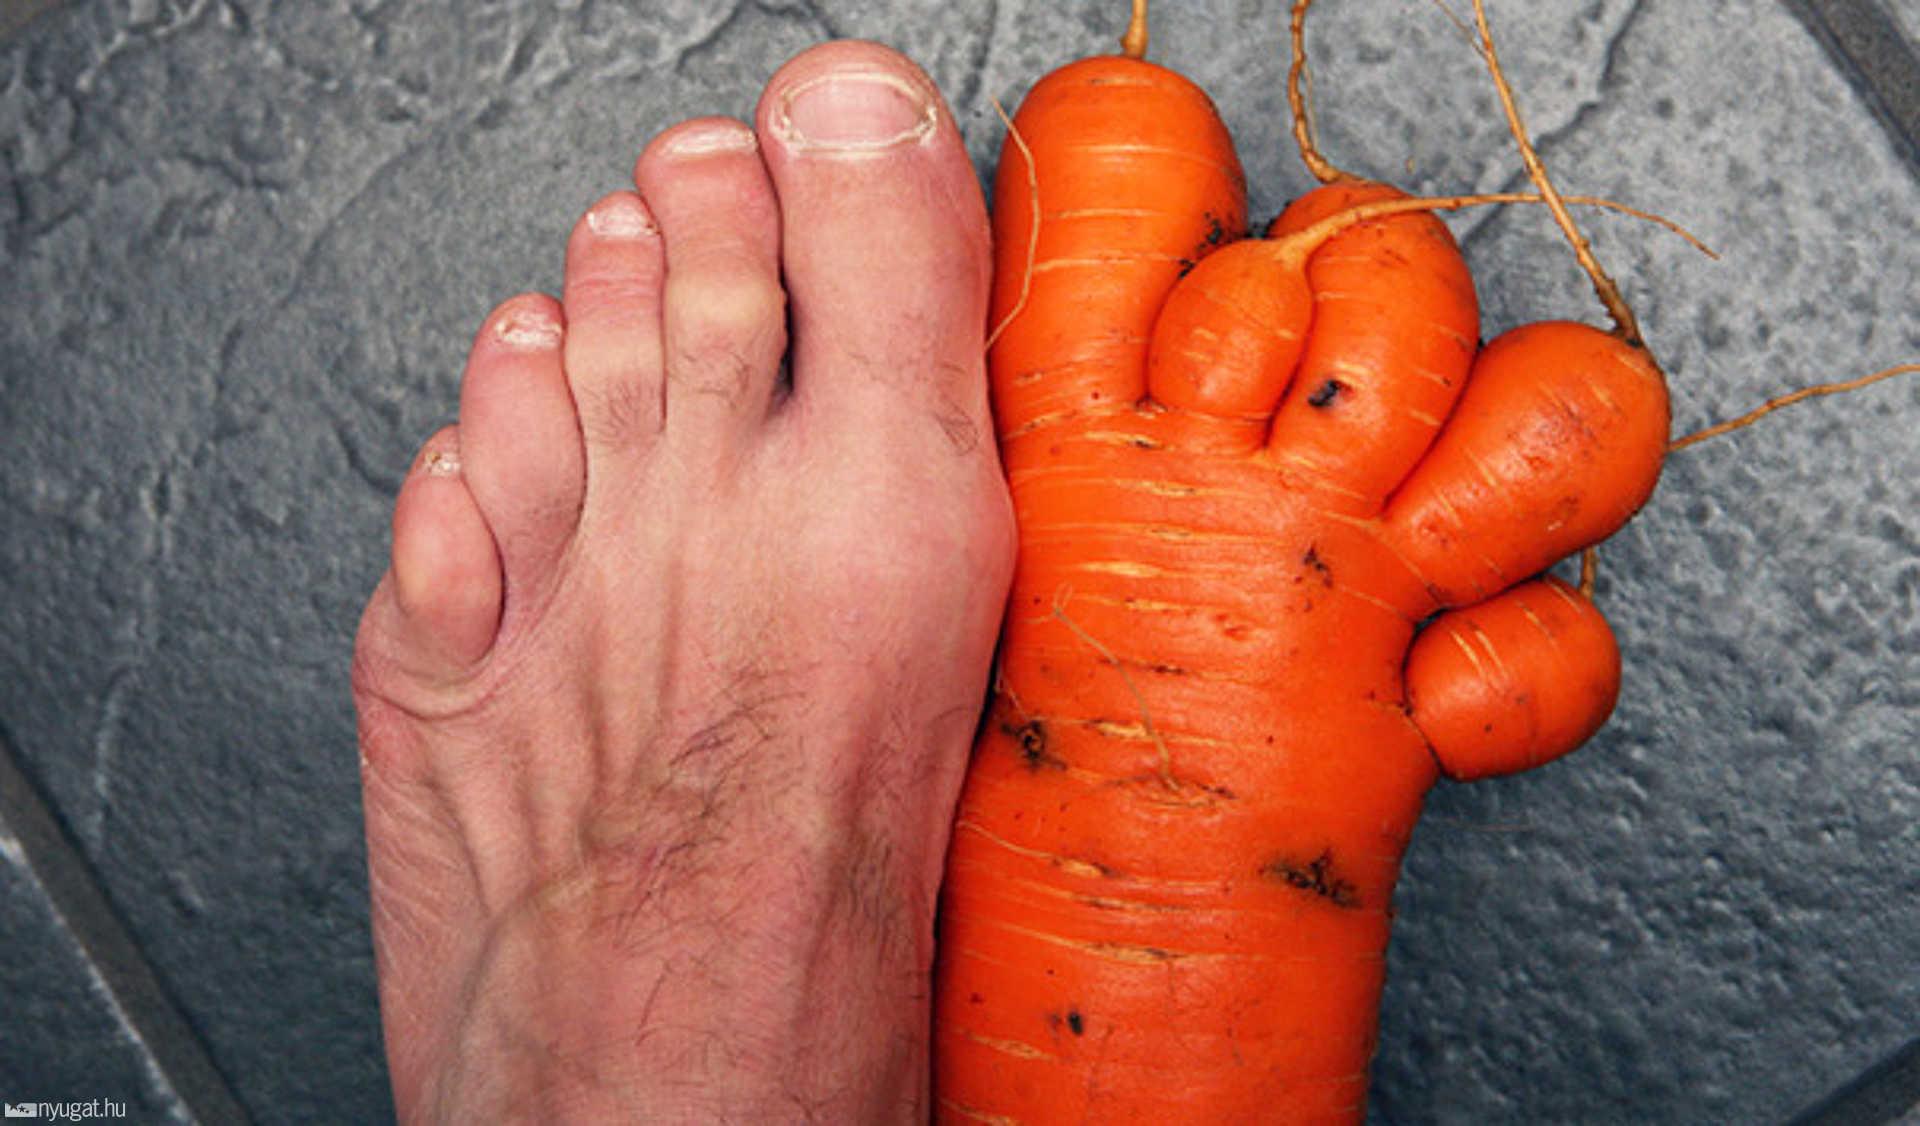 Egy a lábméret